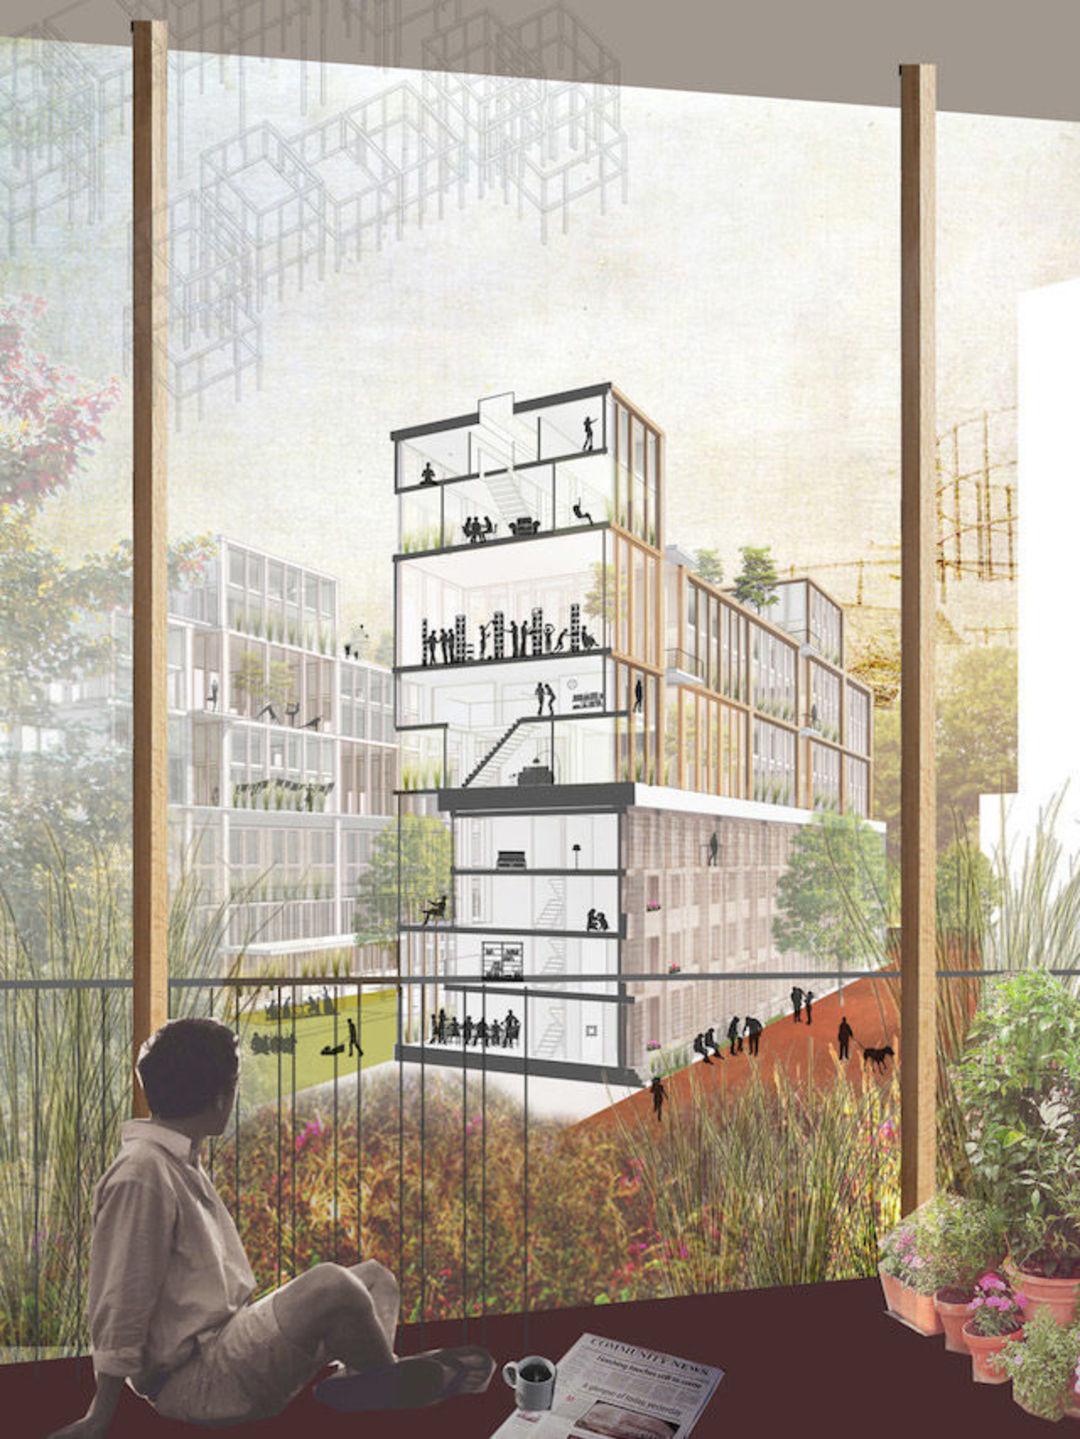 为了解决伦敦住房紧张问题,这些建筑师的脑洞开得挺大_设计_好奇心日报